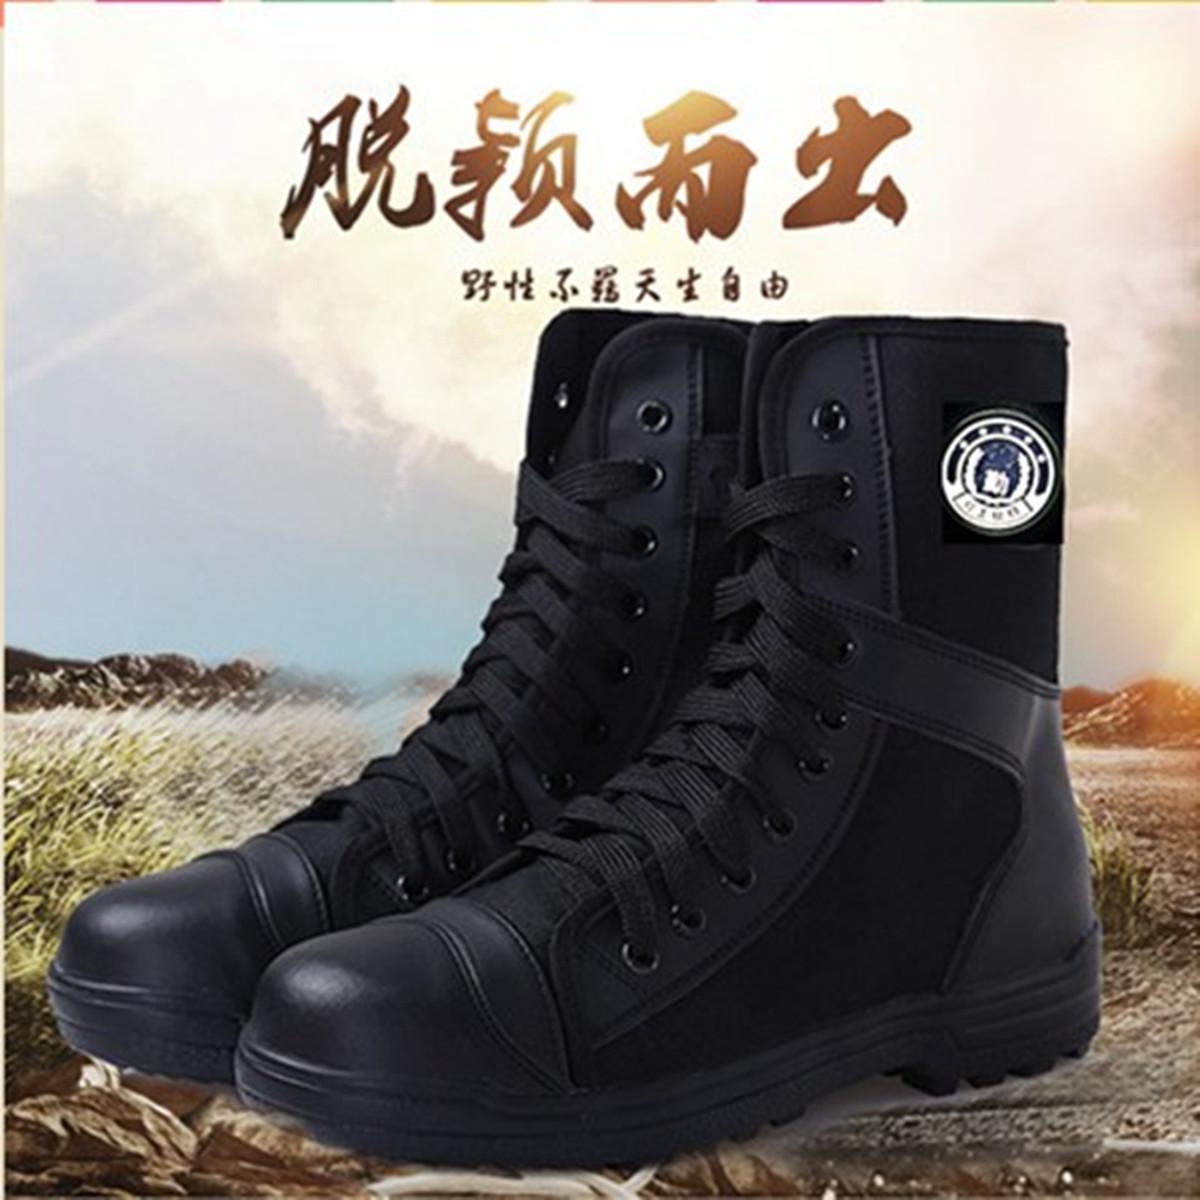 Летний сезон берцы мужской Специальные силы черный холст воздухопроницаемый Обувь для специальных ботинок ботинок ботинок высокий Обувные ботинки Защитная обувь